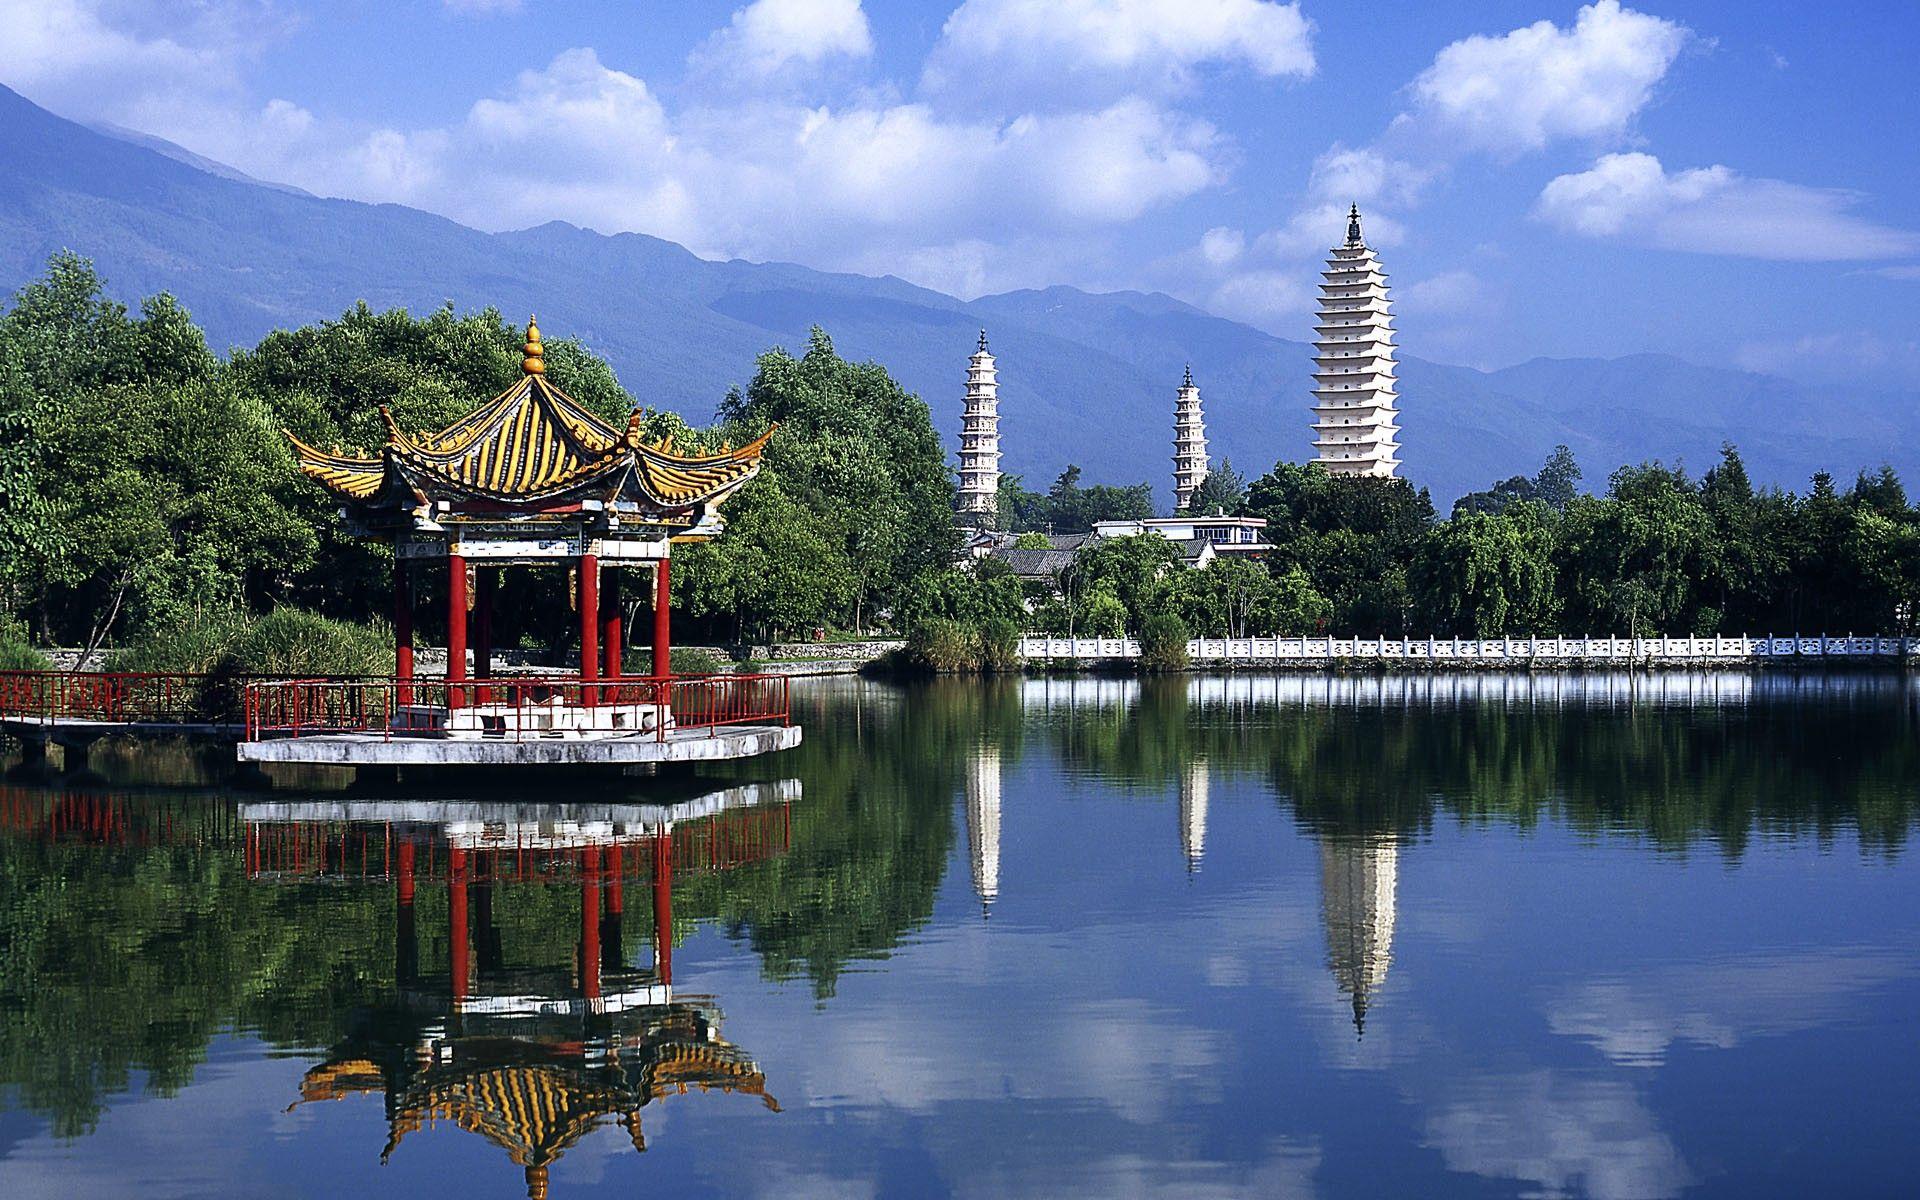 China Landscape Nature Hd China Destinations China Tourism China Image